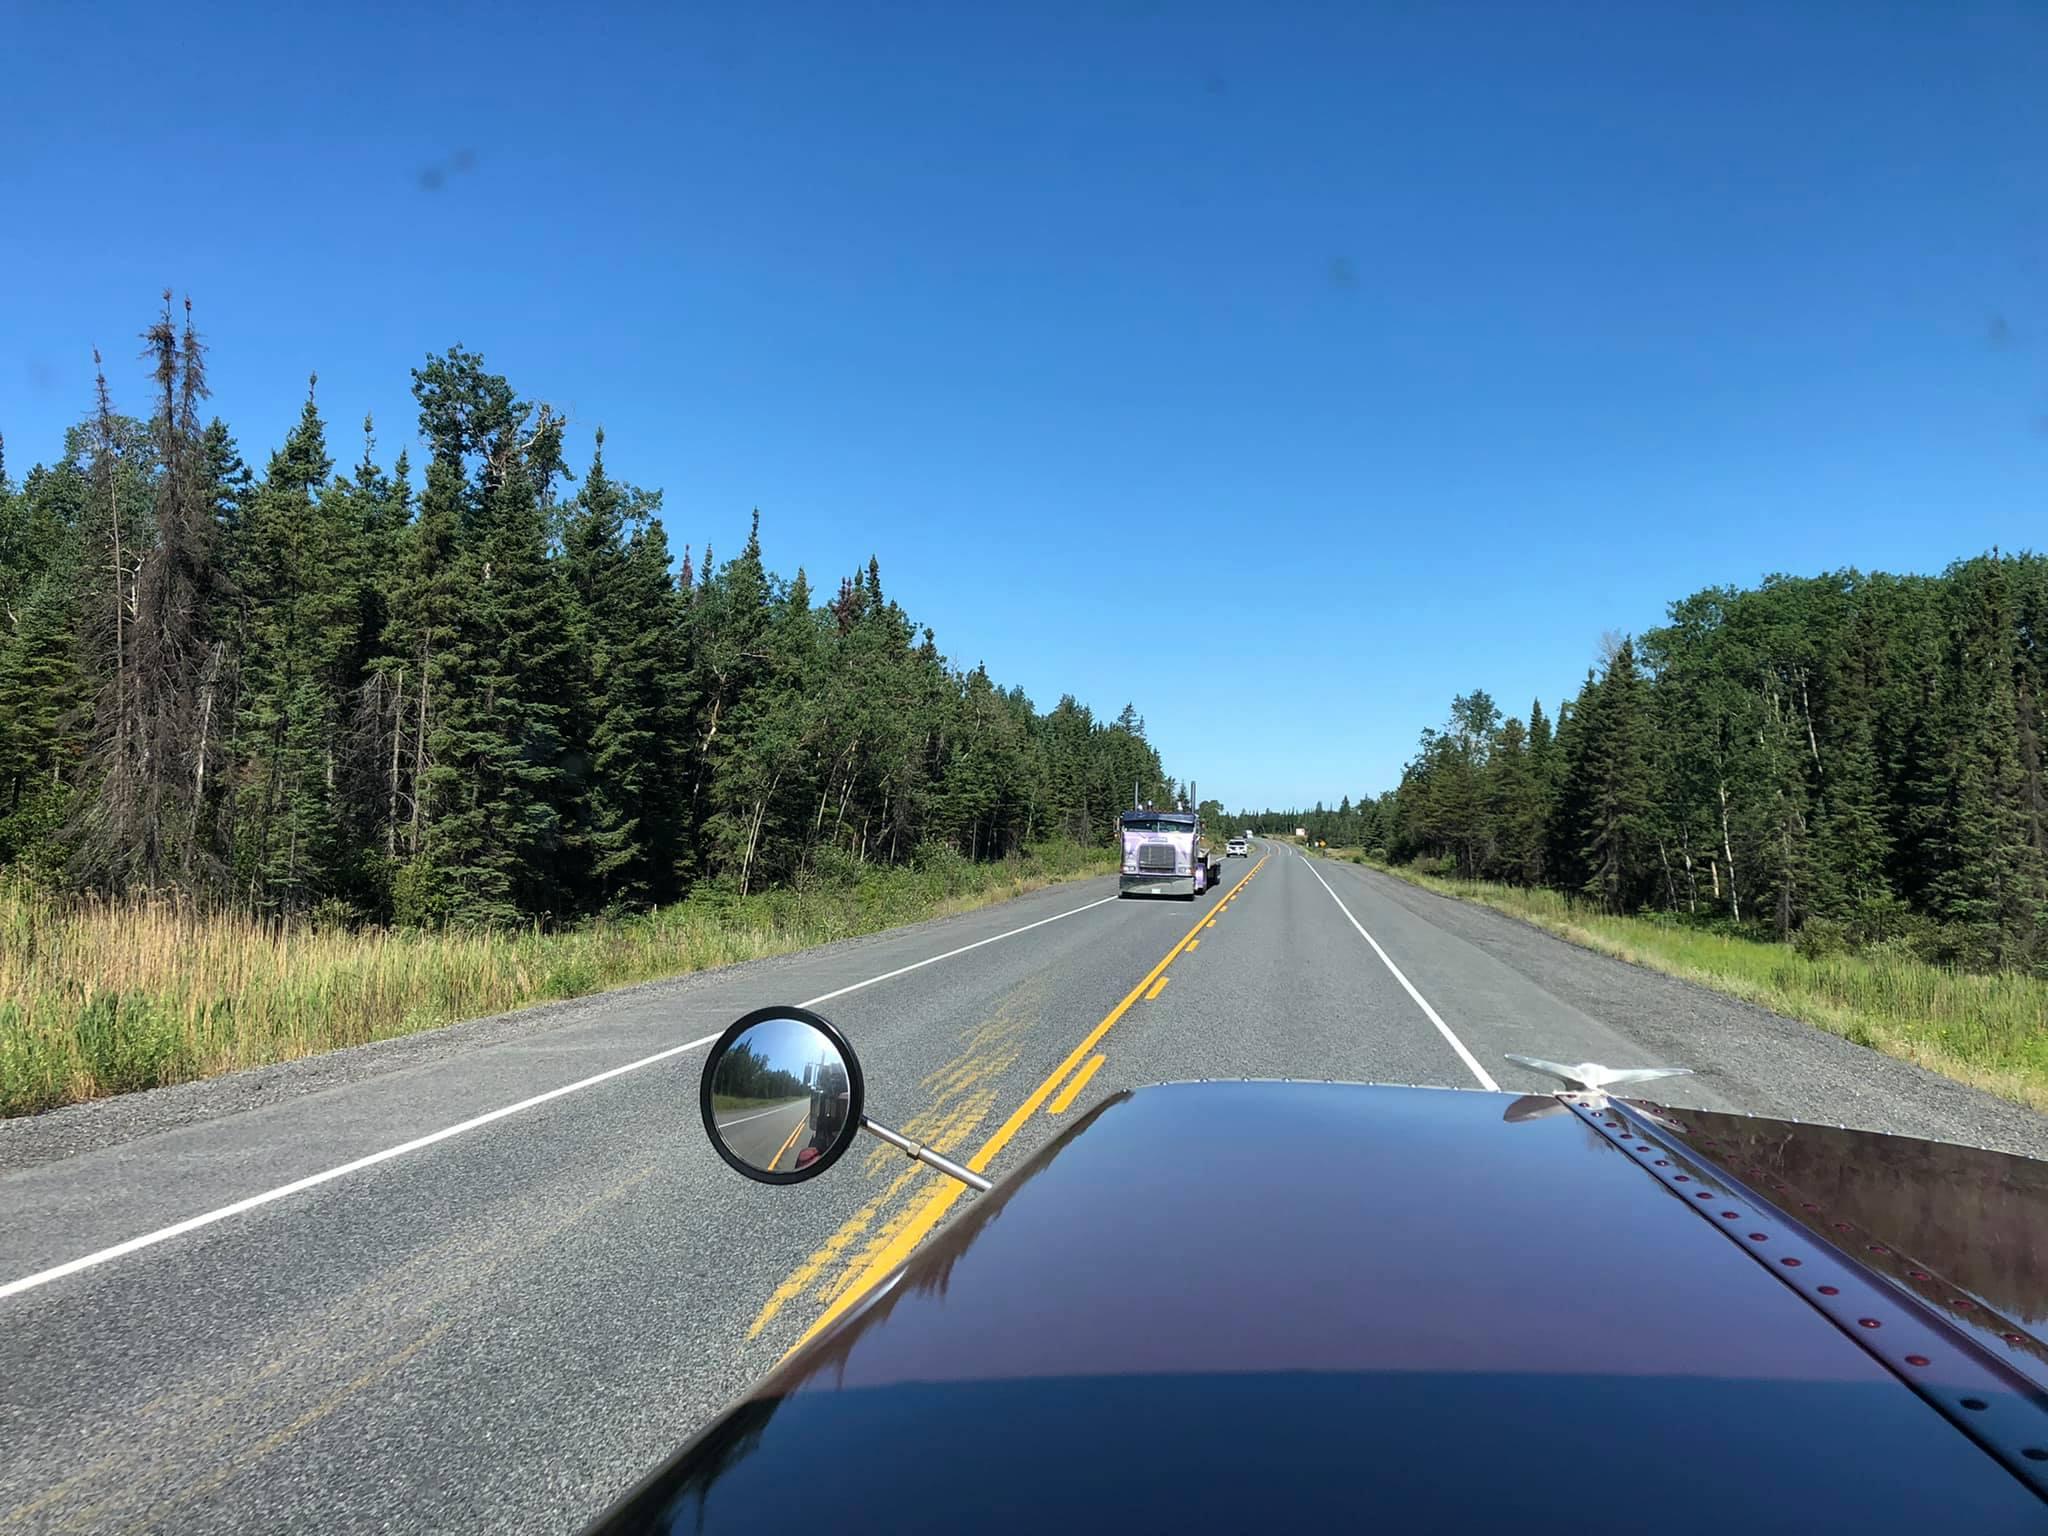 Ritje-naar-Edmonton-dan-Toronto-en-twee-ritten-naar-New-York-17-7-2021-(10)